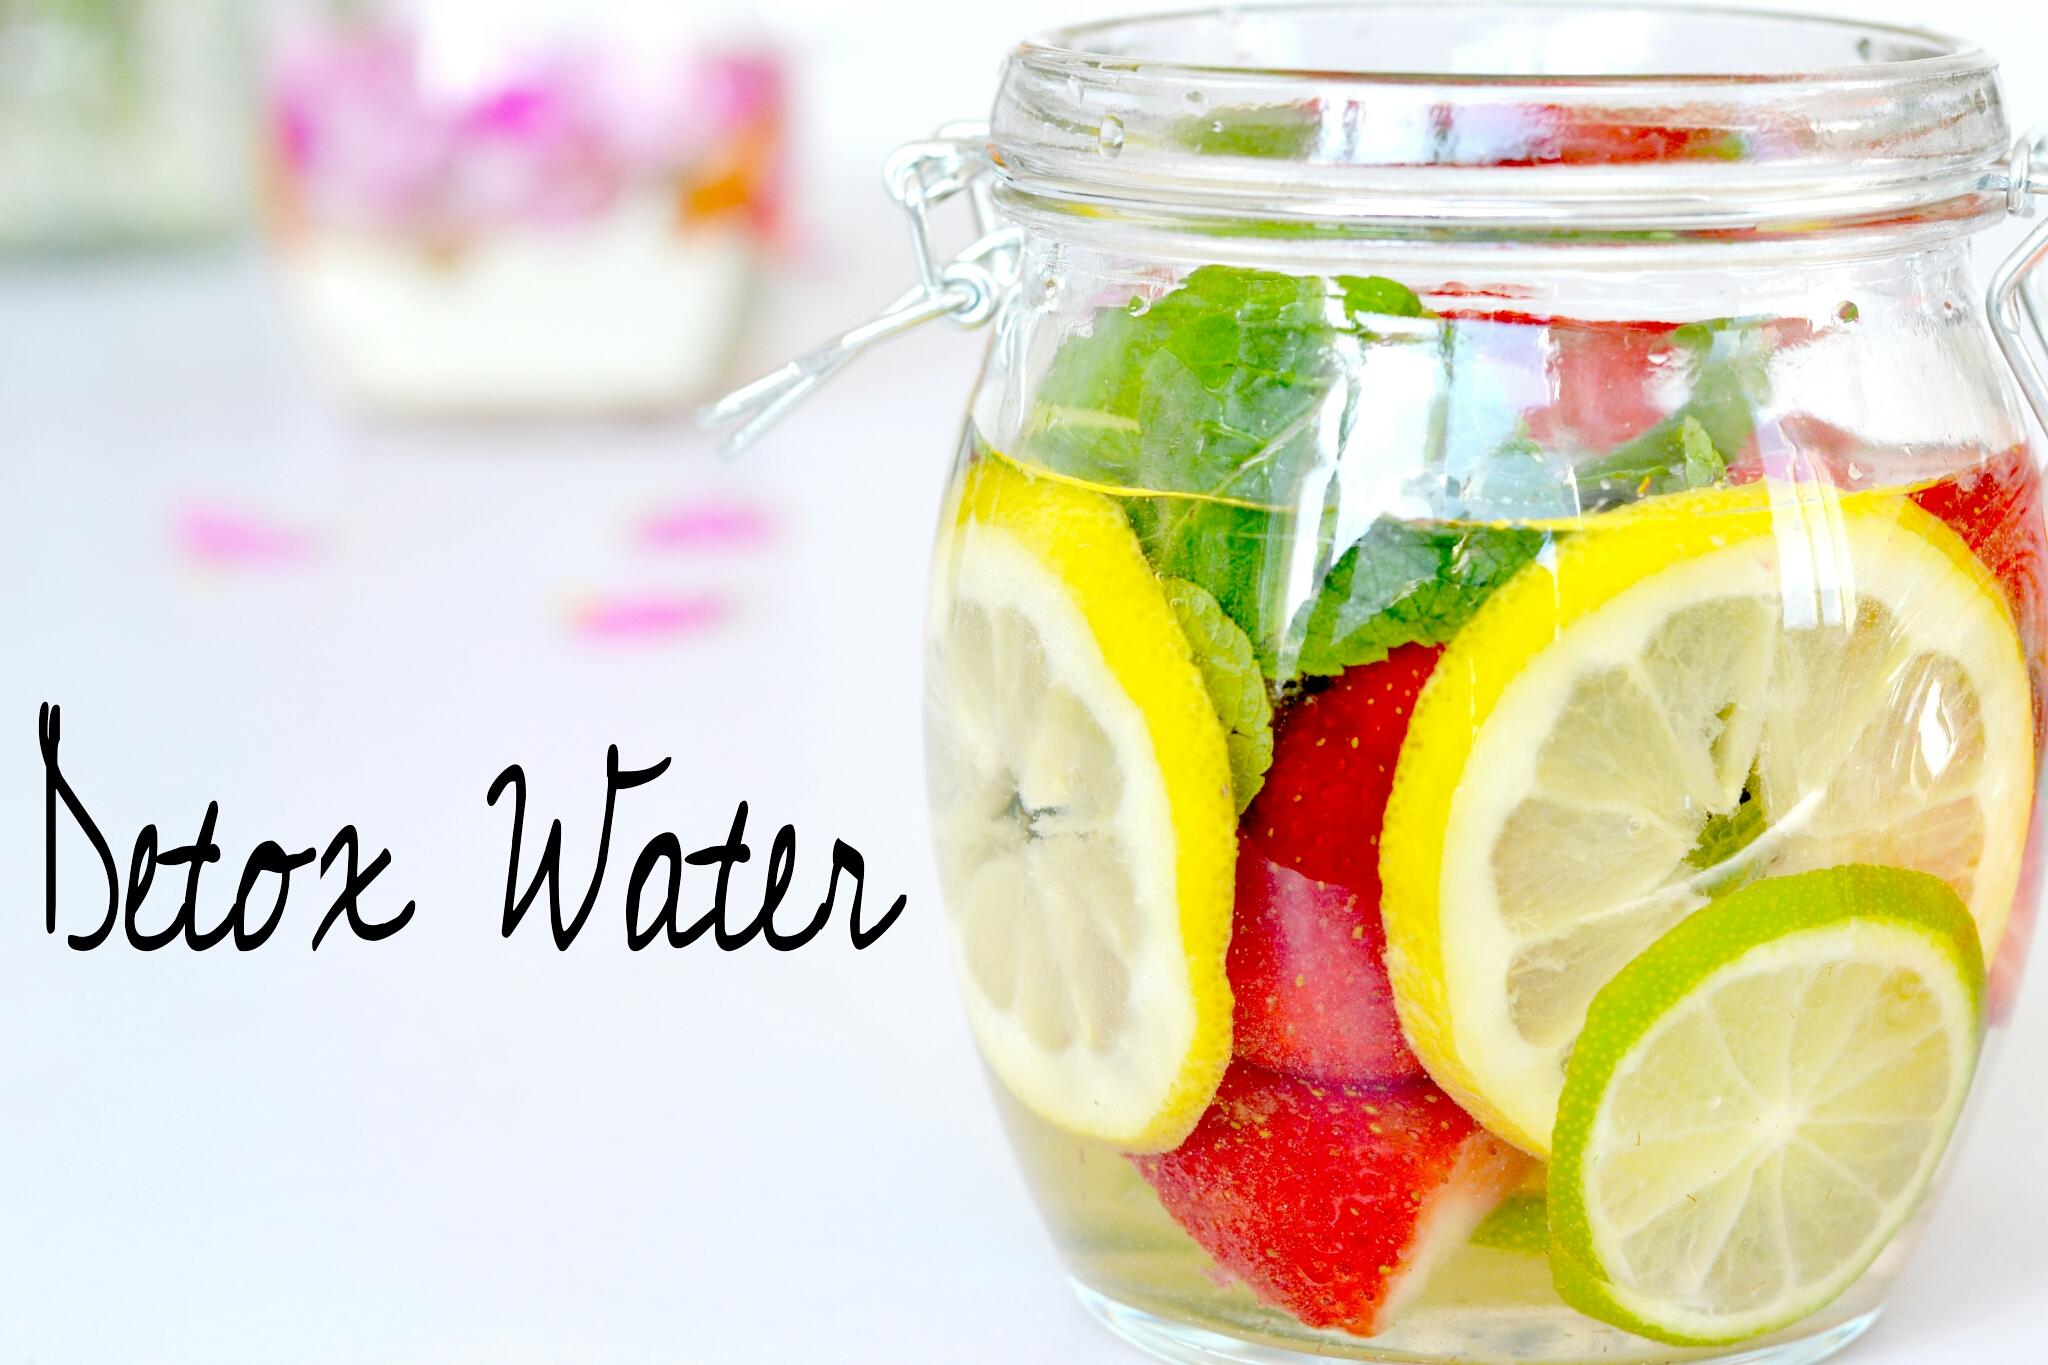 Détox water - Lirons D'elle blog